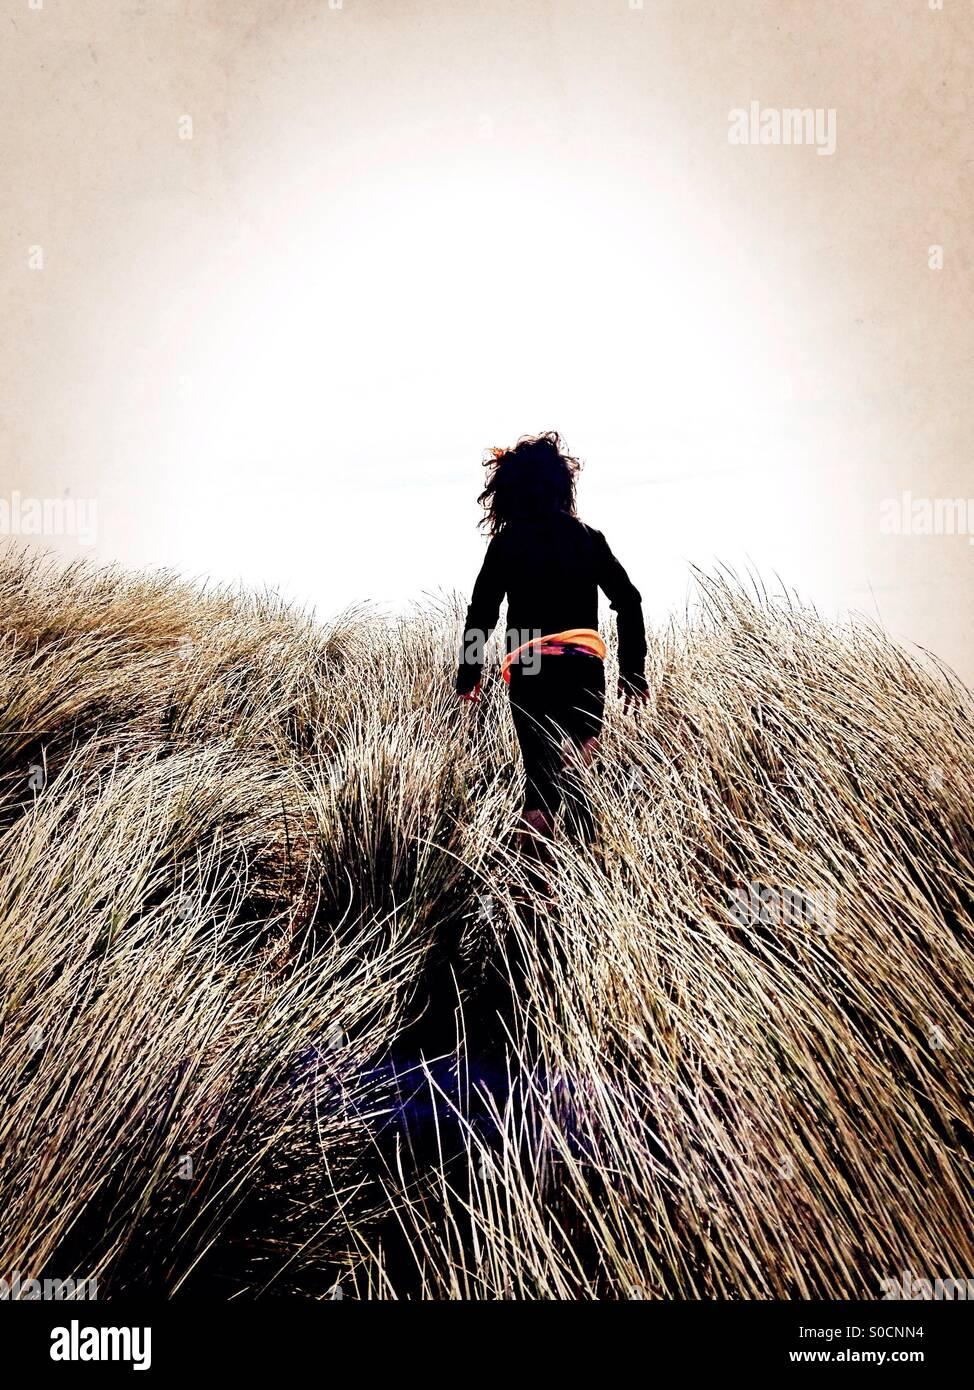 Una niña caminando en el pasto alto. Imagen De Stock